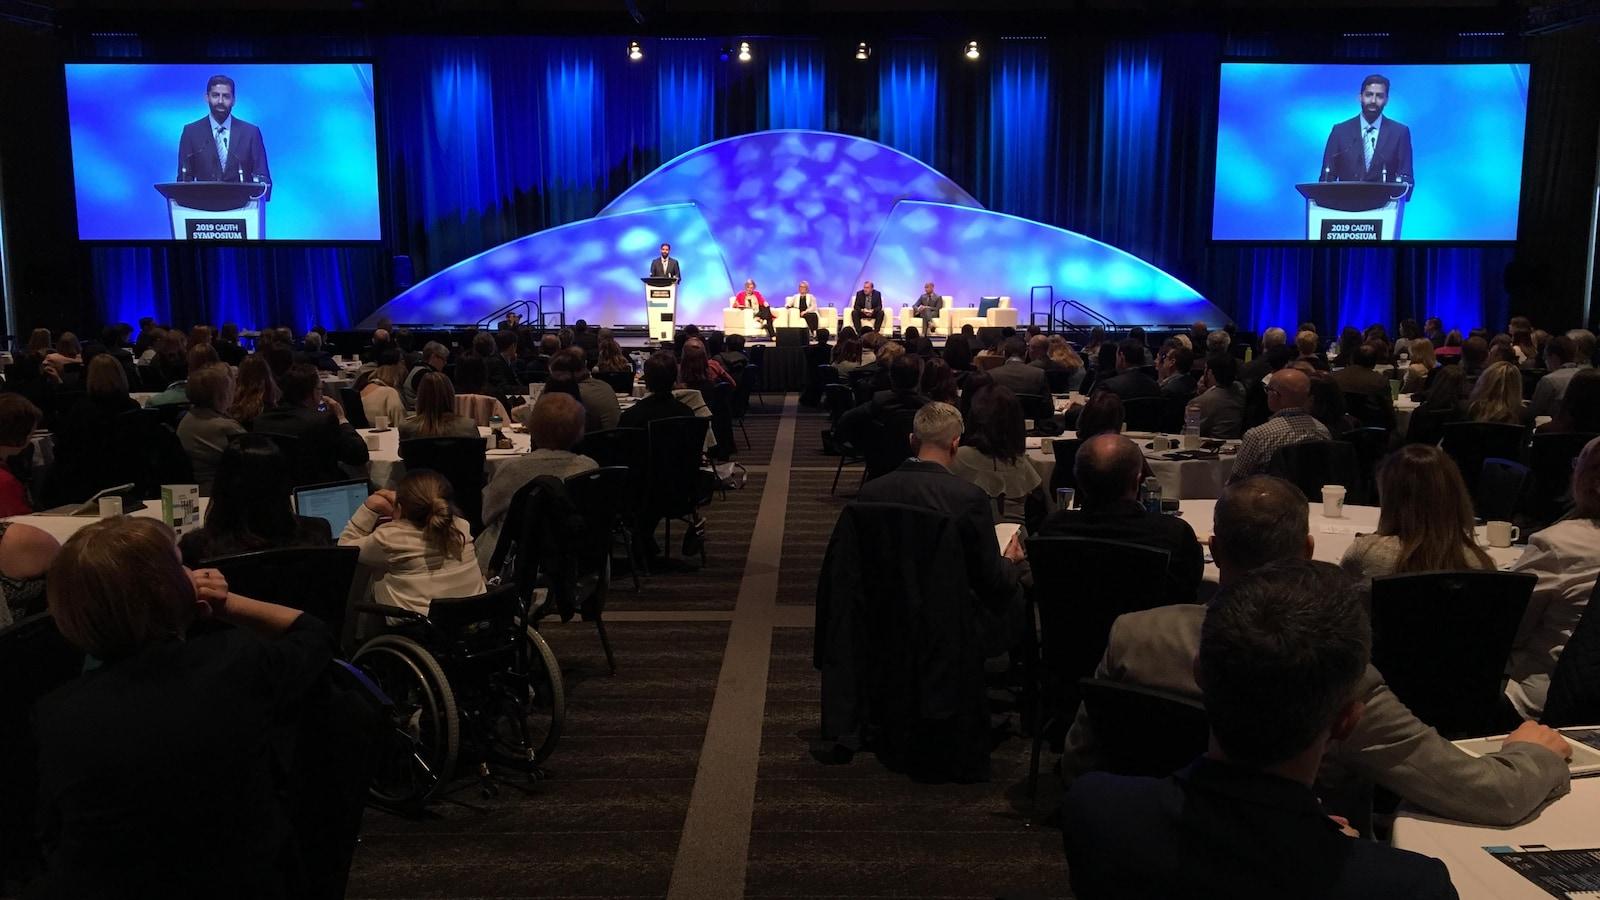 Le colloque organisé par l'Agence canadienne des médicaments et des technologies de la santé à Edmonton rassemble des professionnels du secteur venus de tout le Canada.